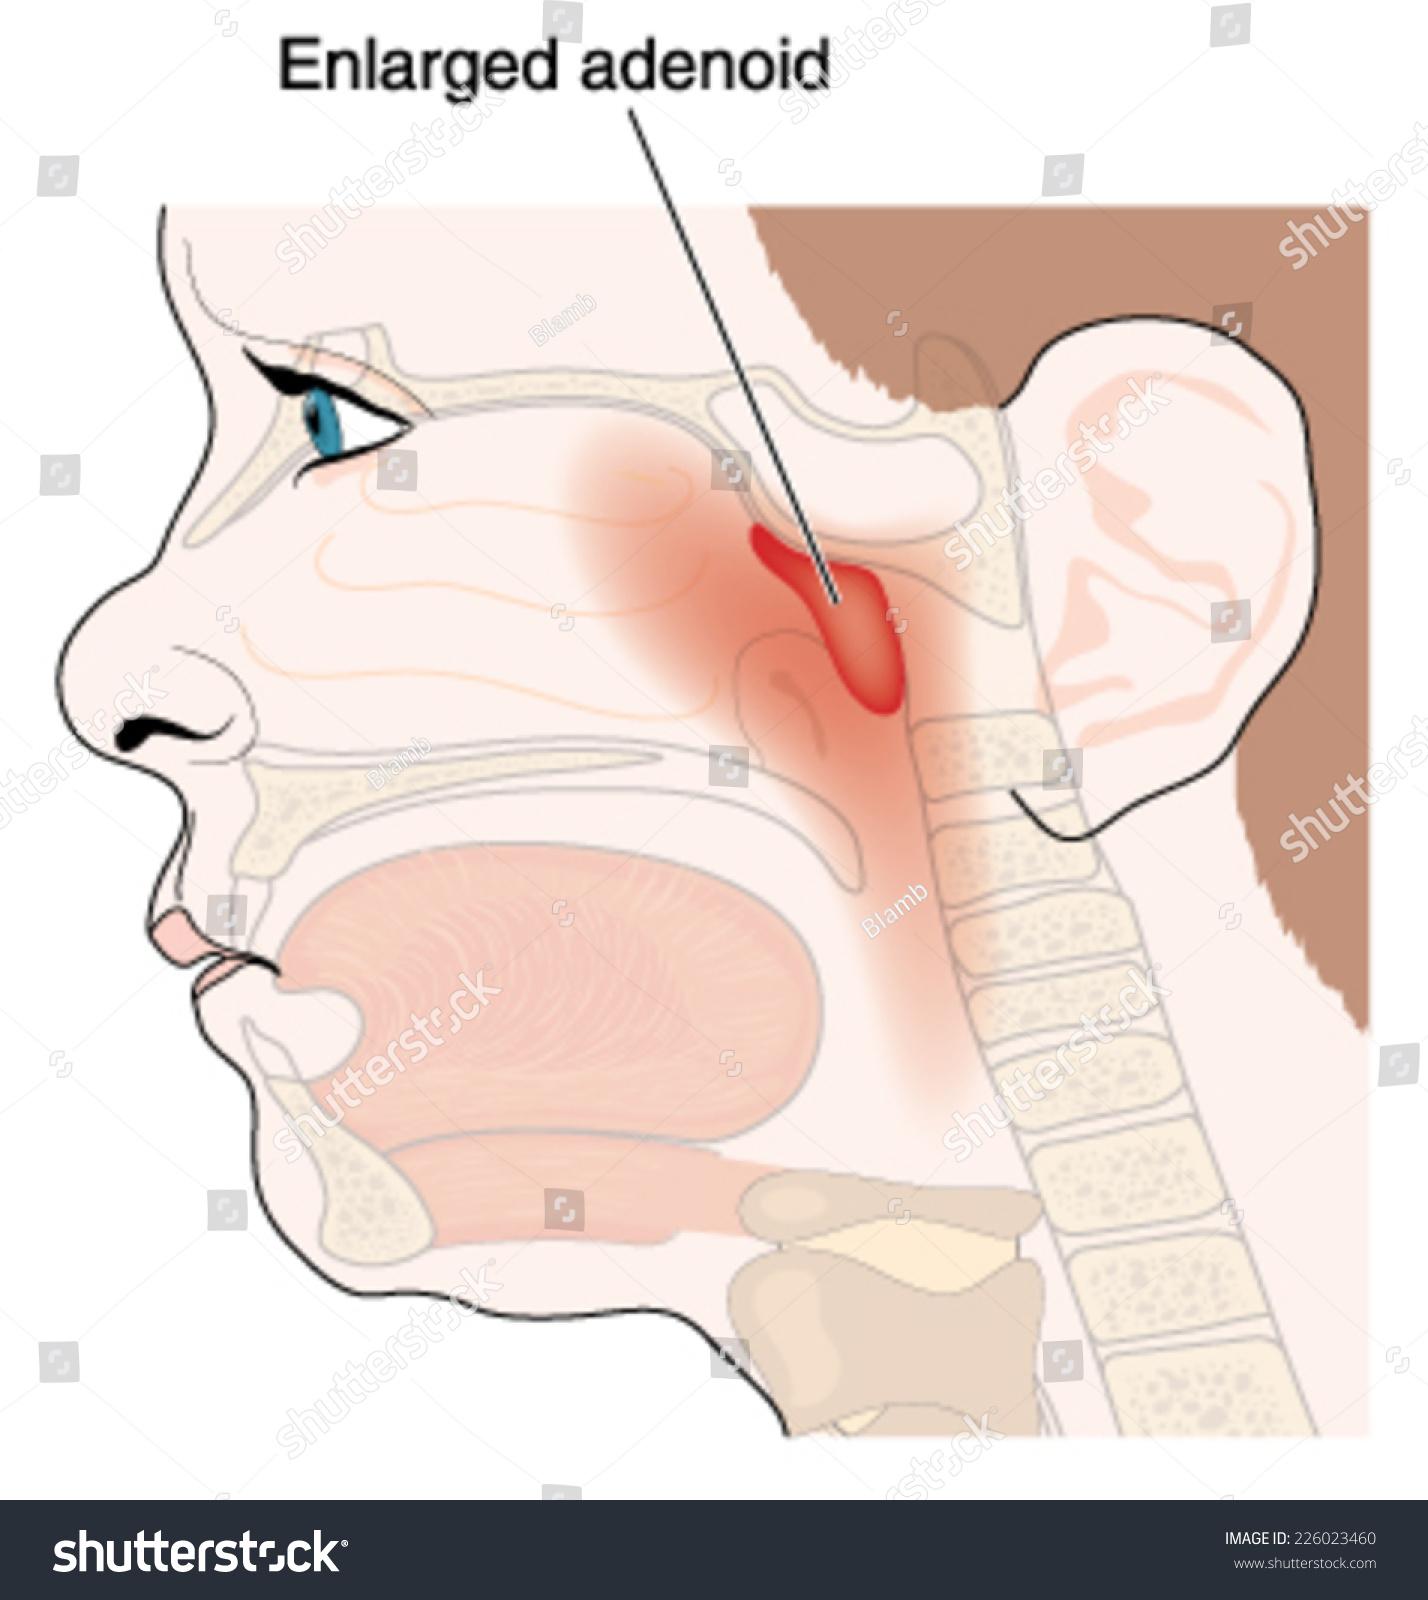 Enlargement Adenoid Glands Children Showing Anatomic Stock Vector